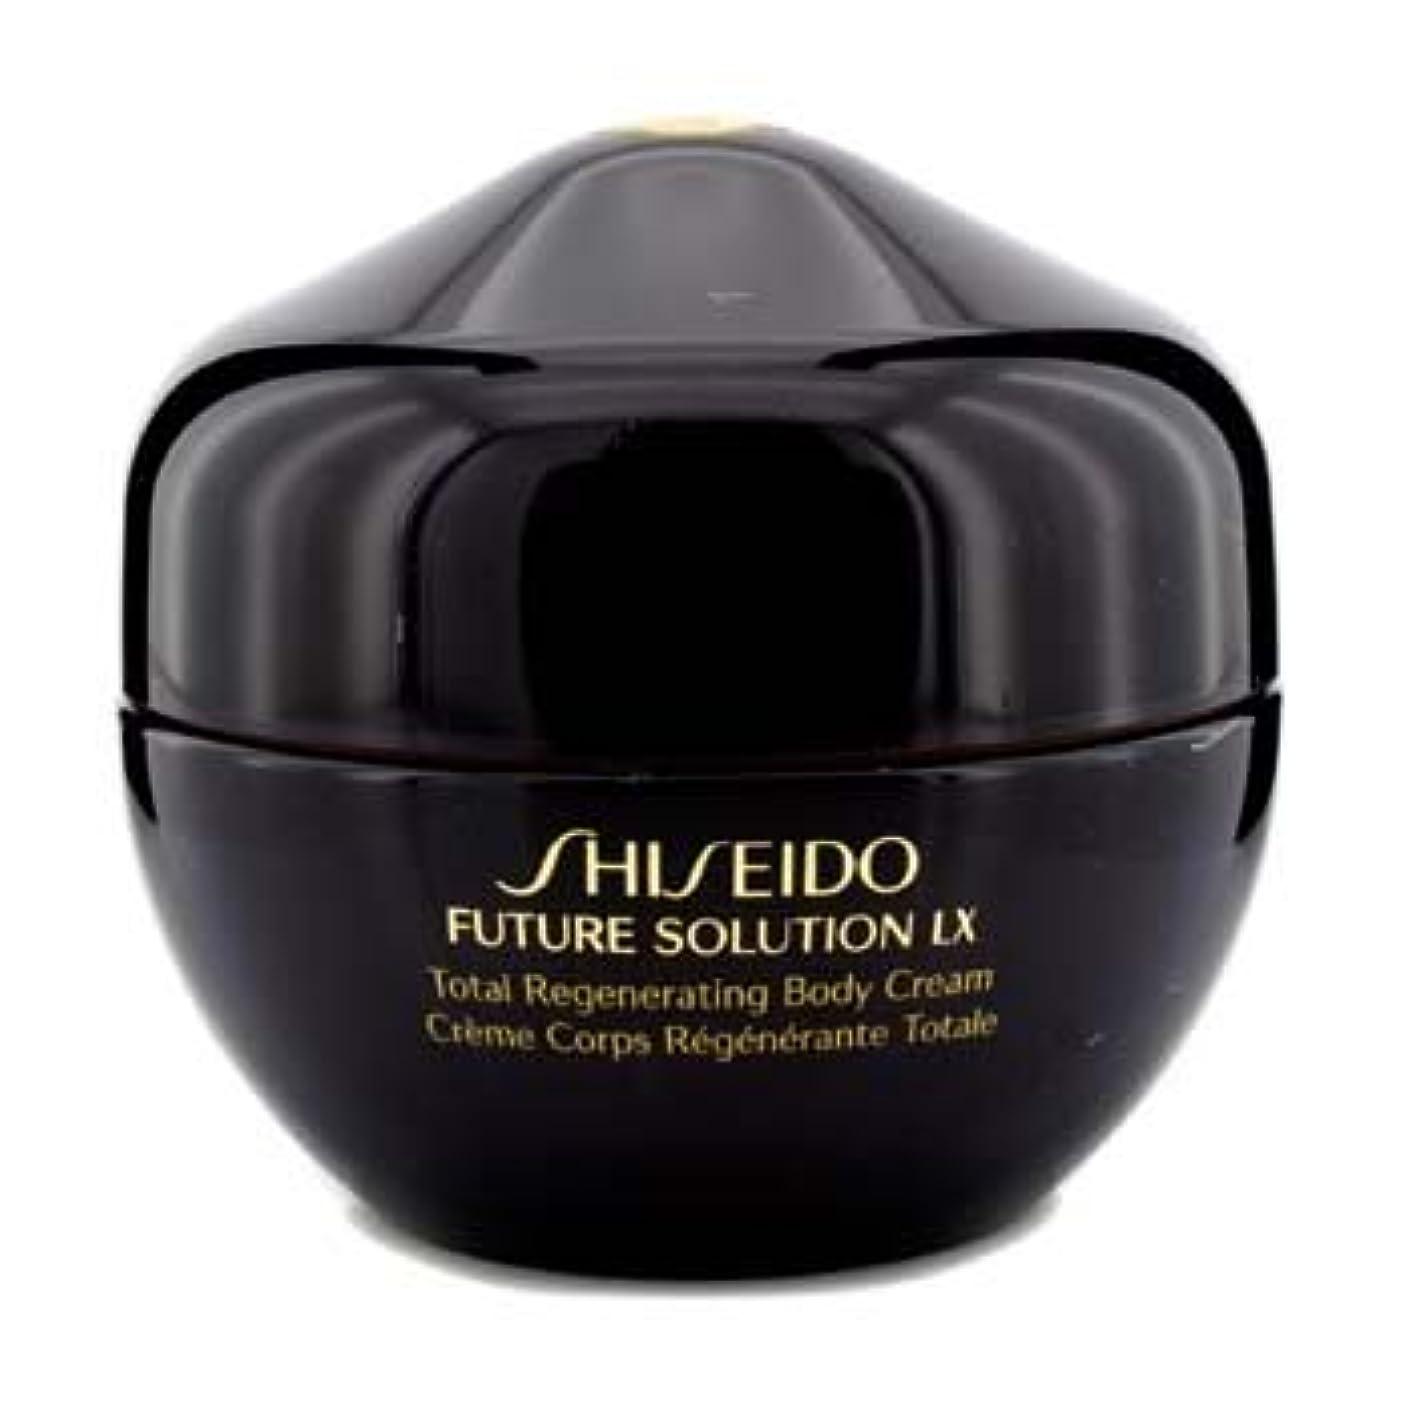 レタッチ契約虐待[Shiseido] Future Solution LX Total Regenerating Body Cream 200ml/6.7oz